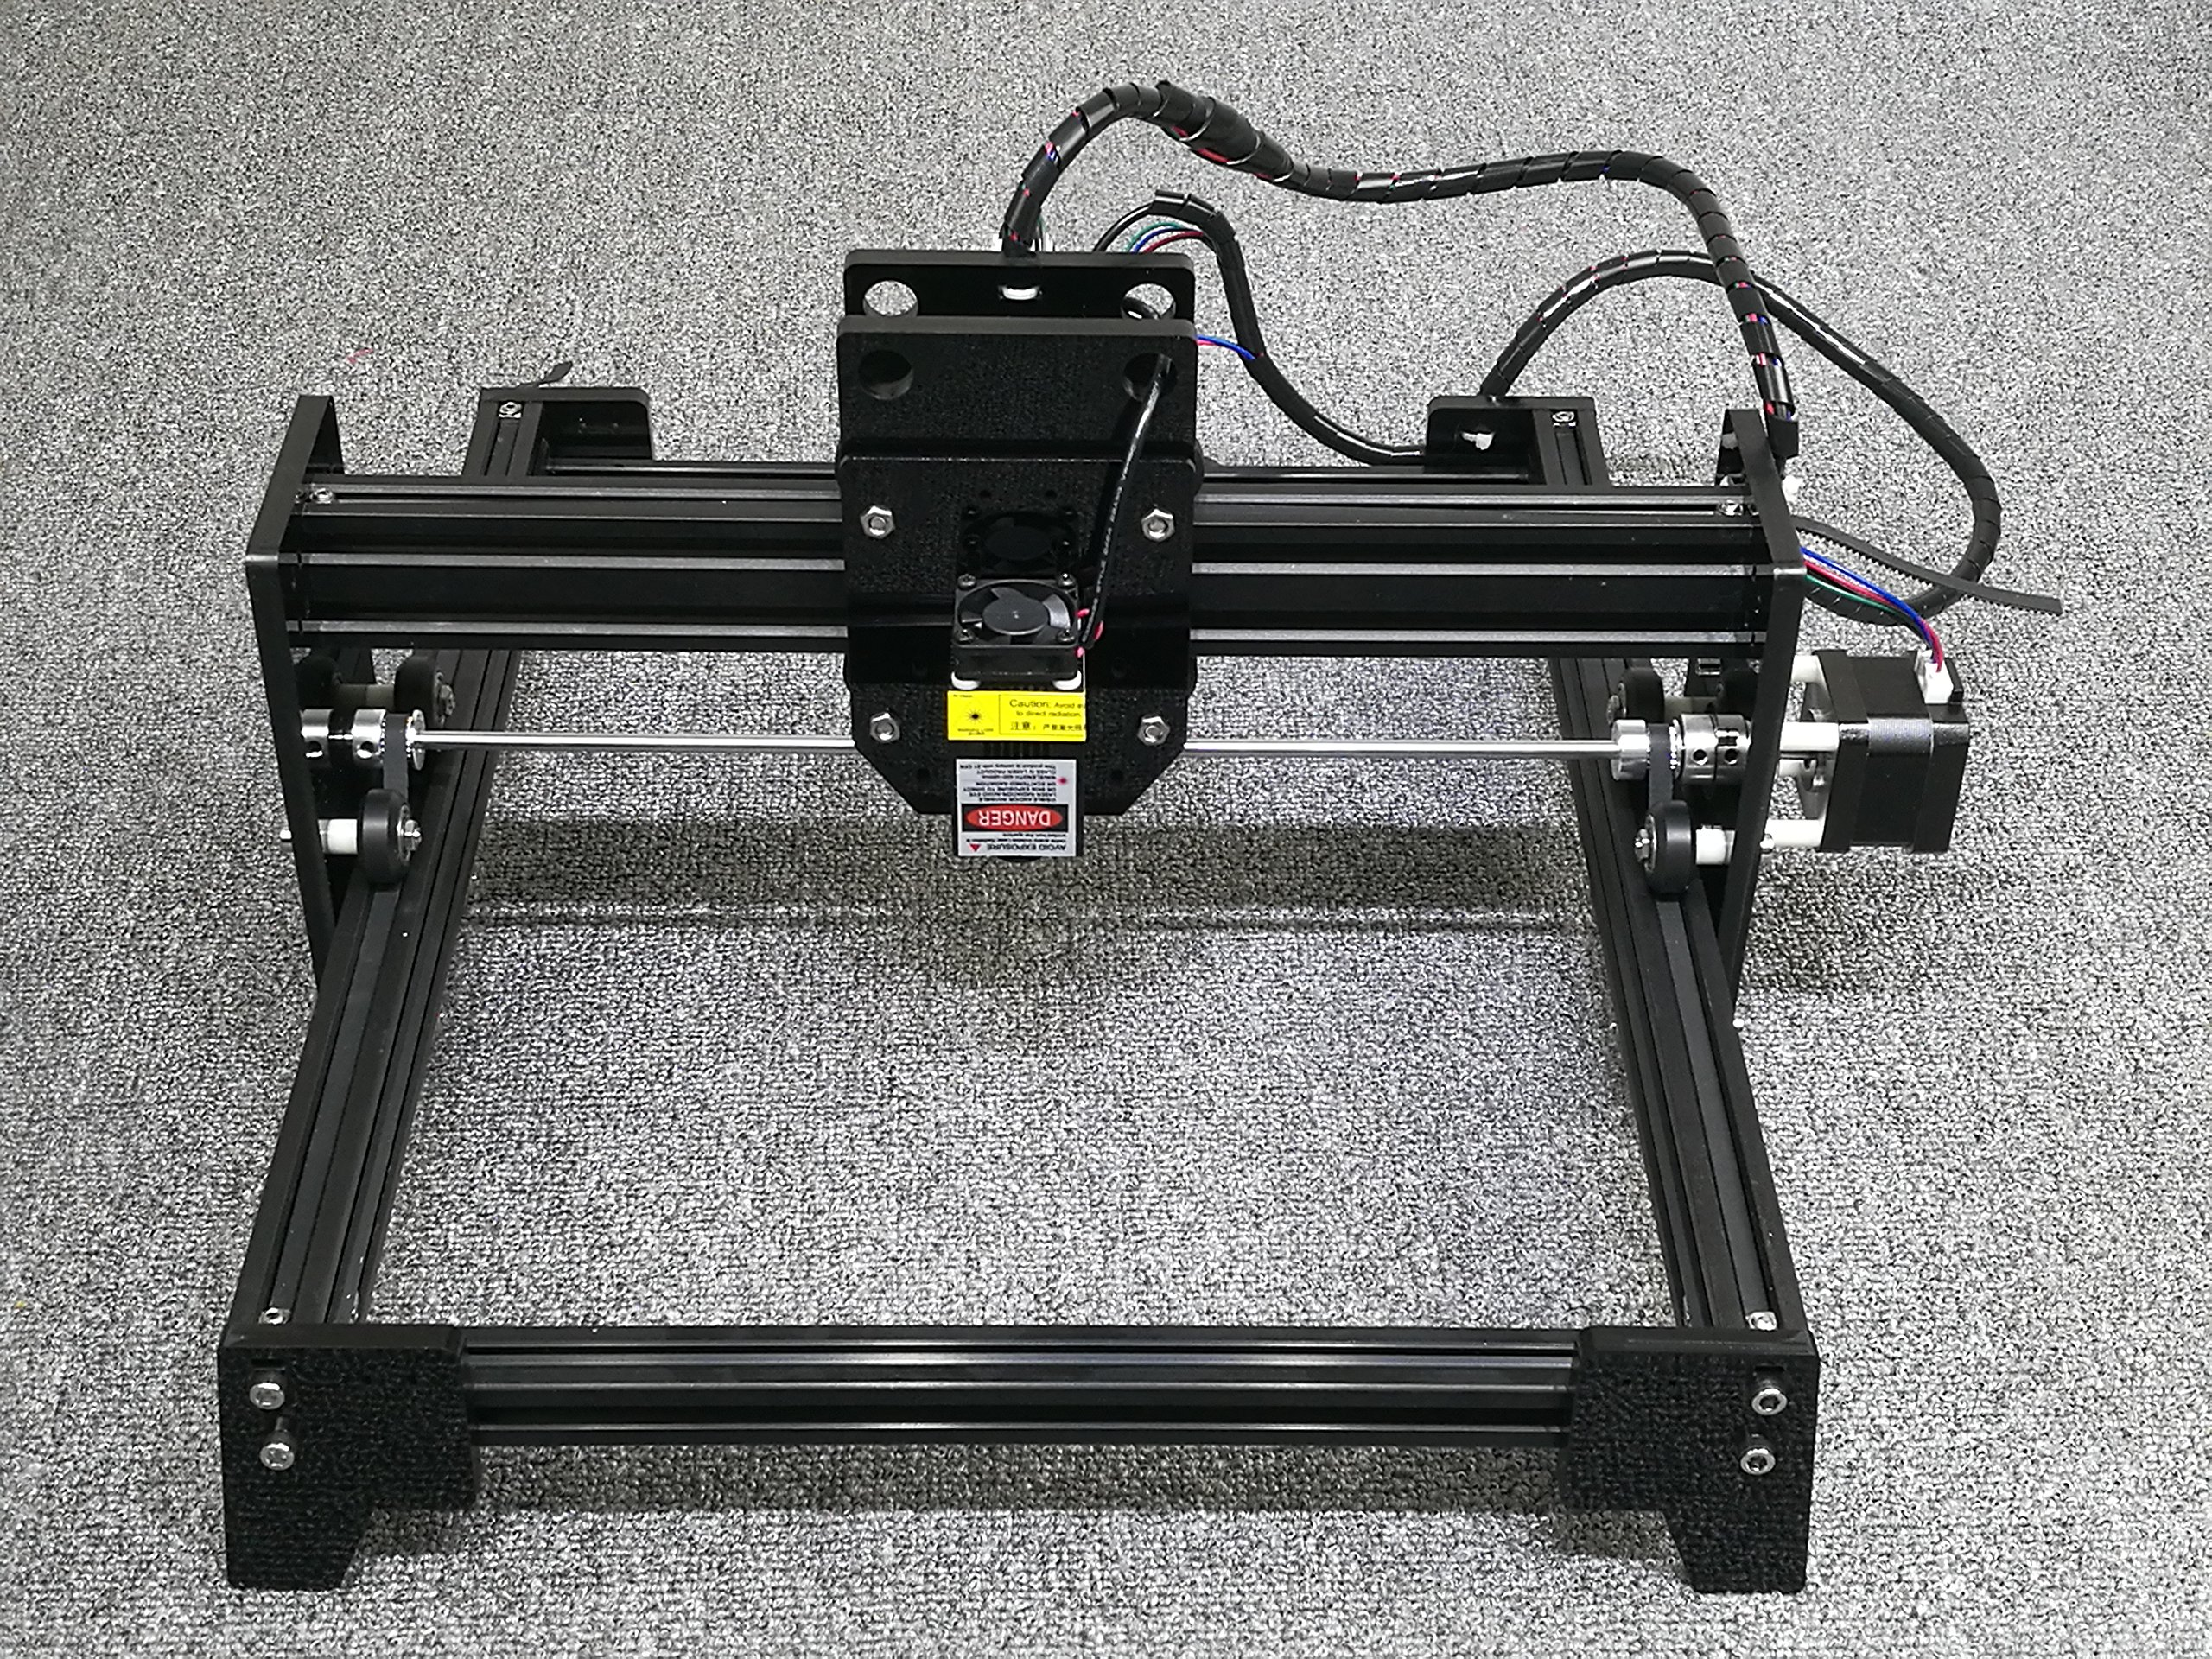 DIY 7000mw laser engraving machine / Laser Engraver / stainless steel engraving machine / stone engraving machine / metal engraving Working Area:16cm20cm